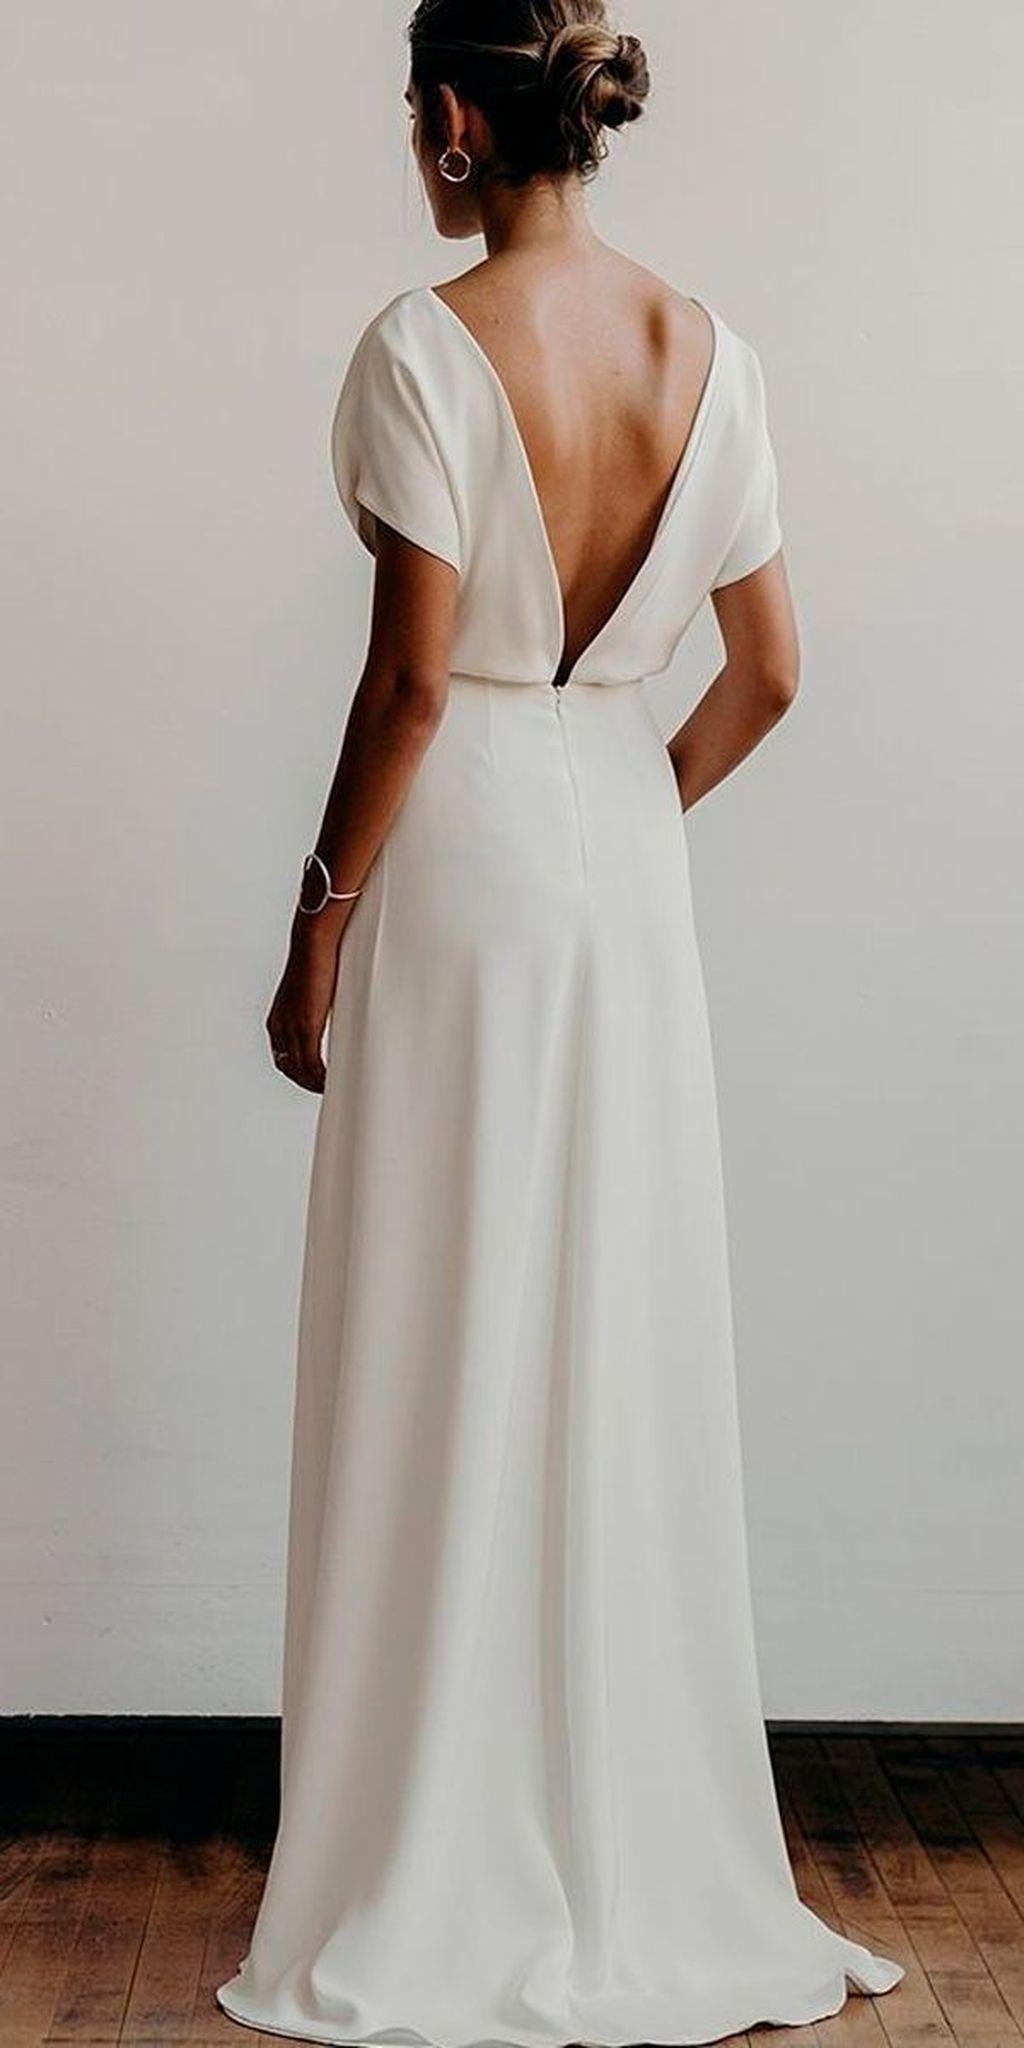 44 Lovely Beautiful Low Back Wedding Dress Wedding Dresses Simple Top Wedding Dresses Elegant Wedding Dress [ 2048 x 1024 Pixel ]